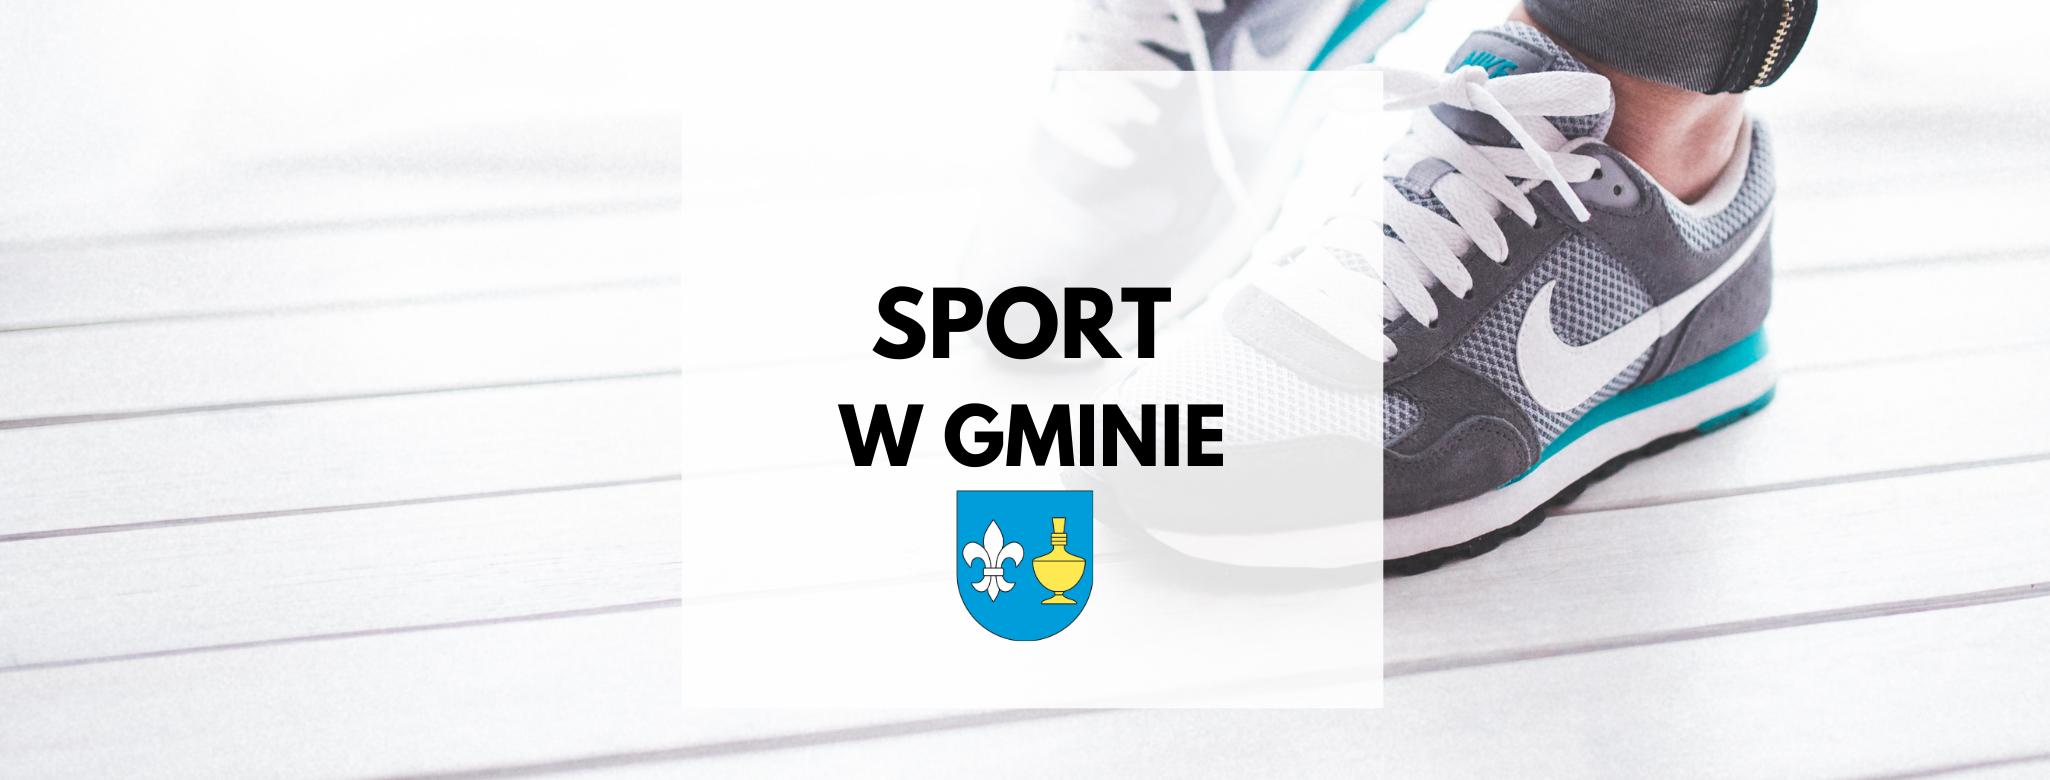 nagłówek graficzny o treści: sport w gminie. Grafika w tle: sportowe buty. Dodatkowa grafika: herb gminy Koczała